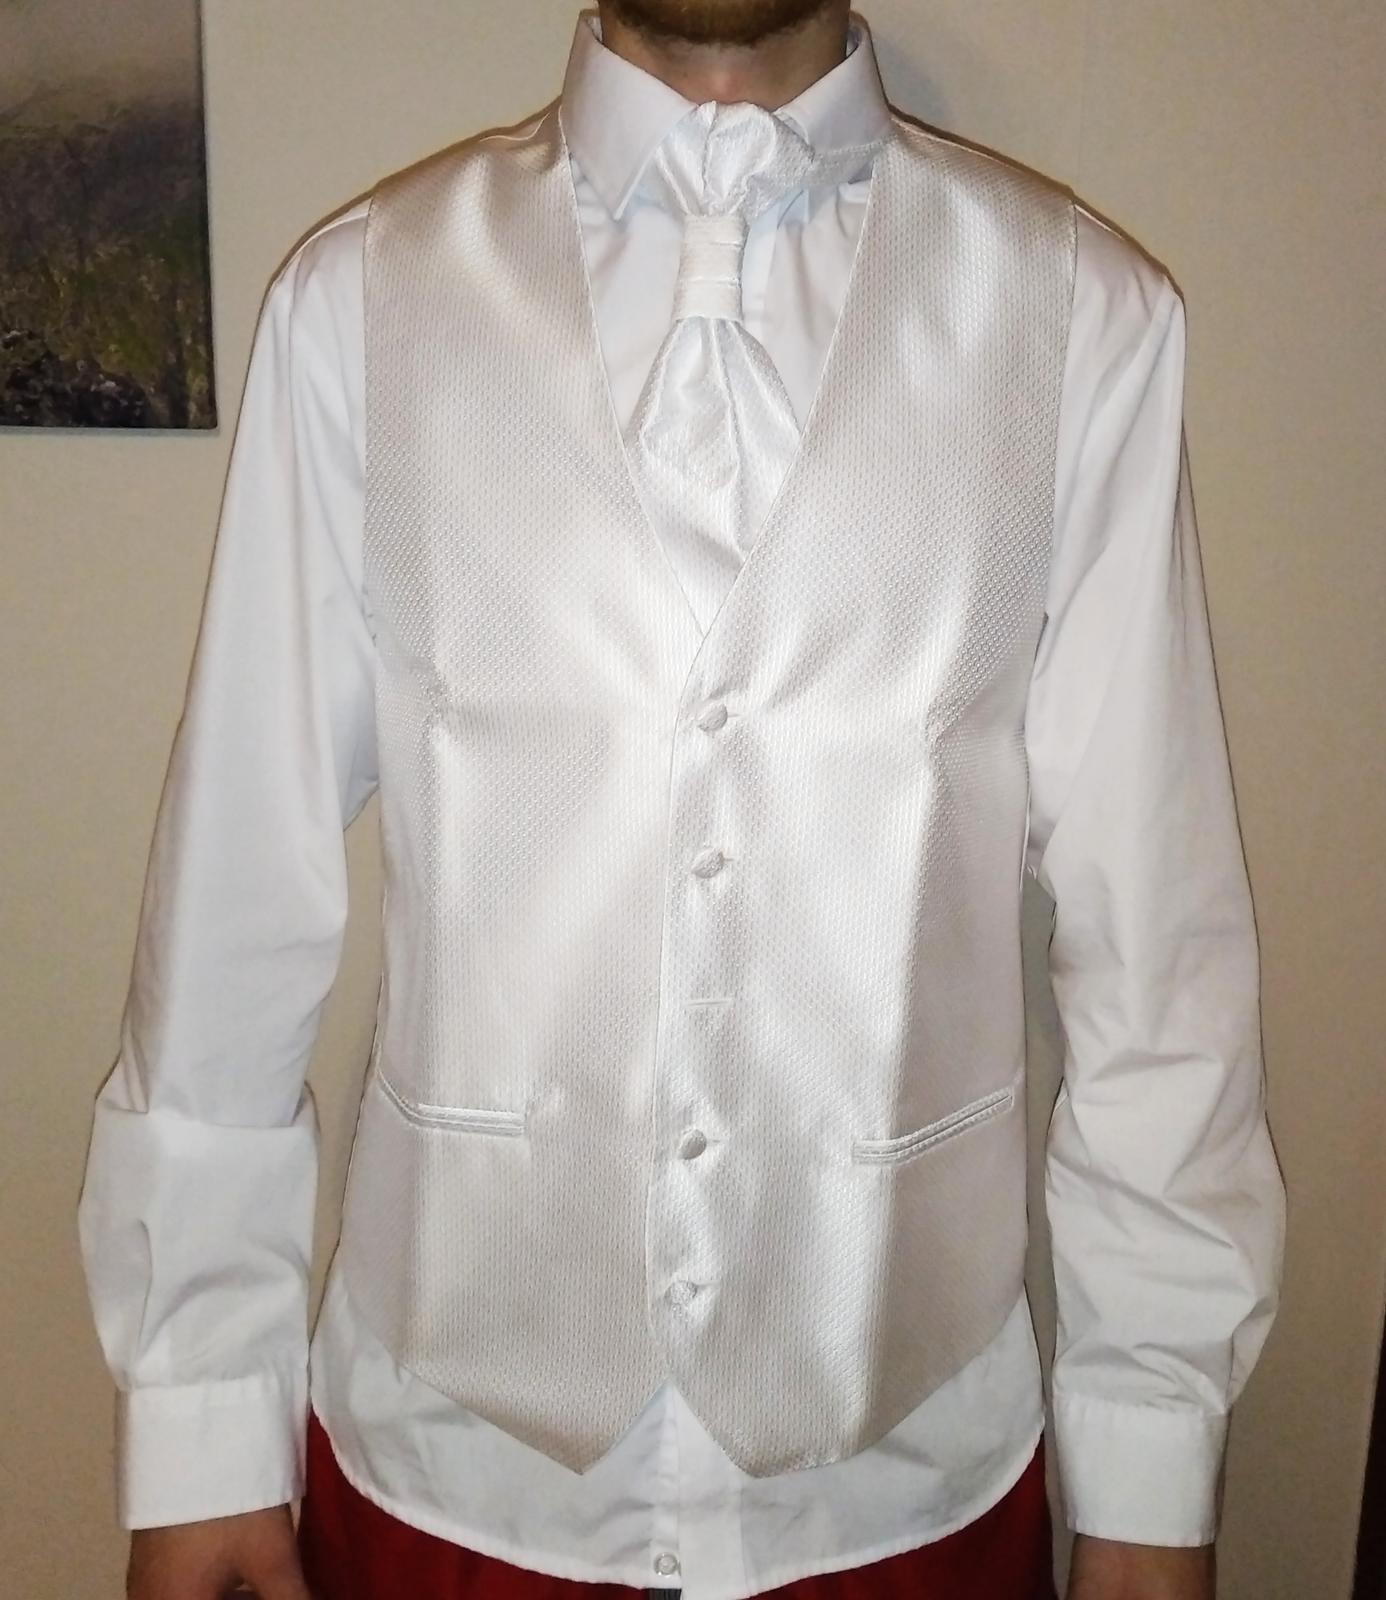 Svadobná vesta, motýlik, kravata, vreckovka - Obrázok č. 1